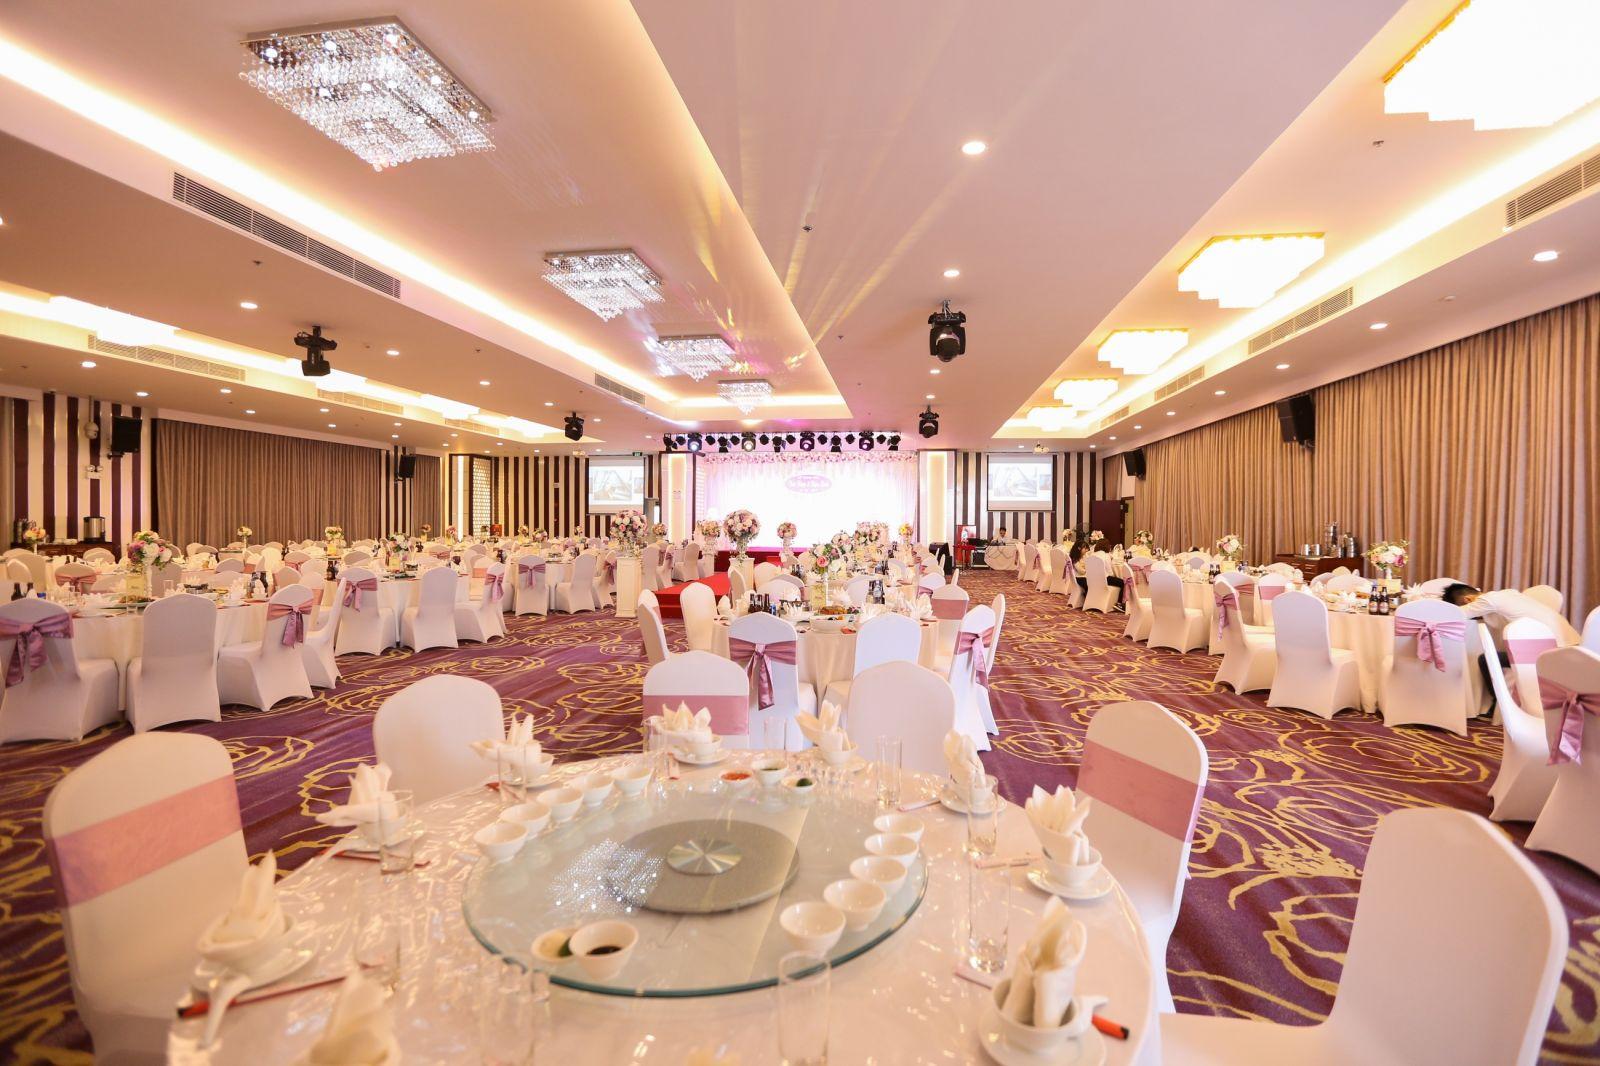 Mức giá tổ chức trung tâm tiệc cưới Hà Nội